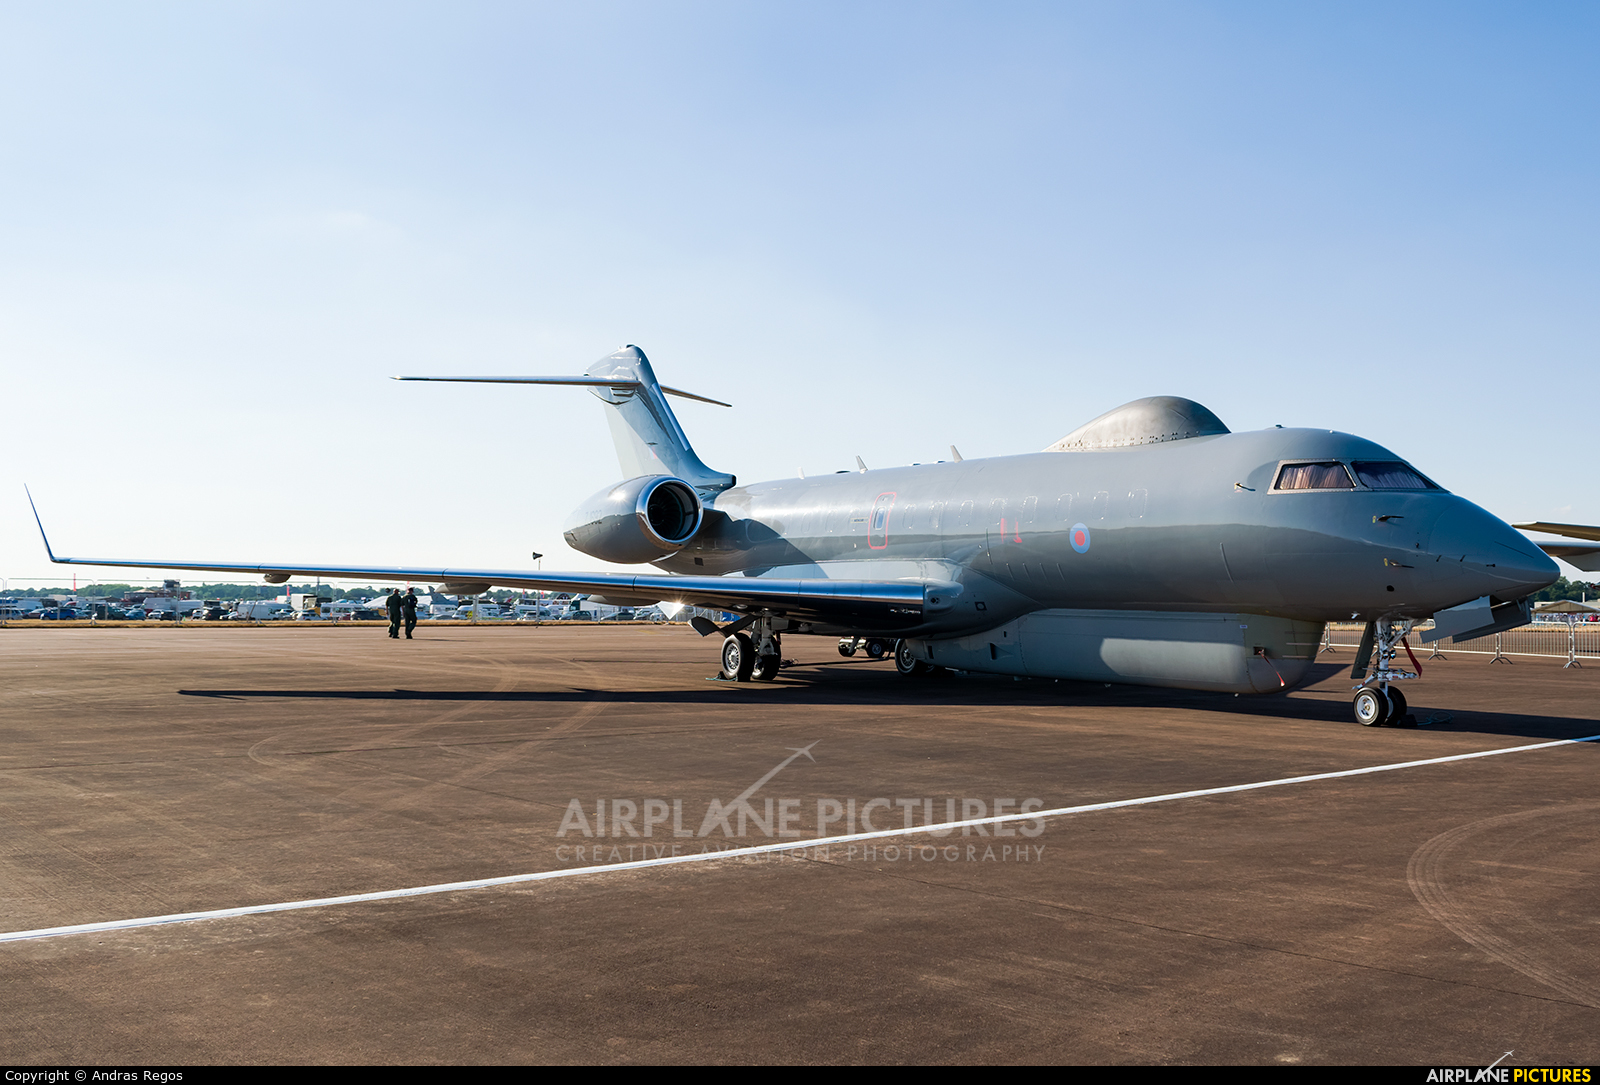 Royal Air Force ZJ692 aircraft at Fairford